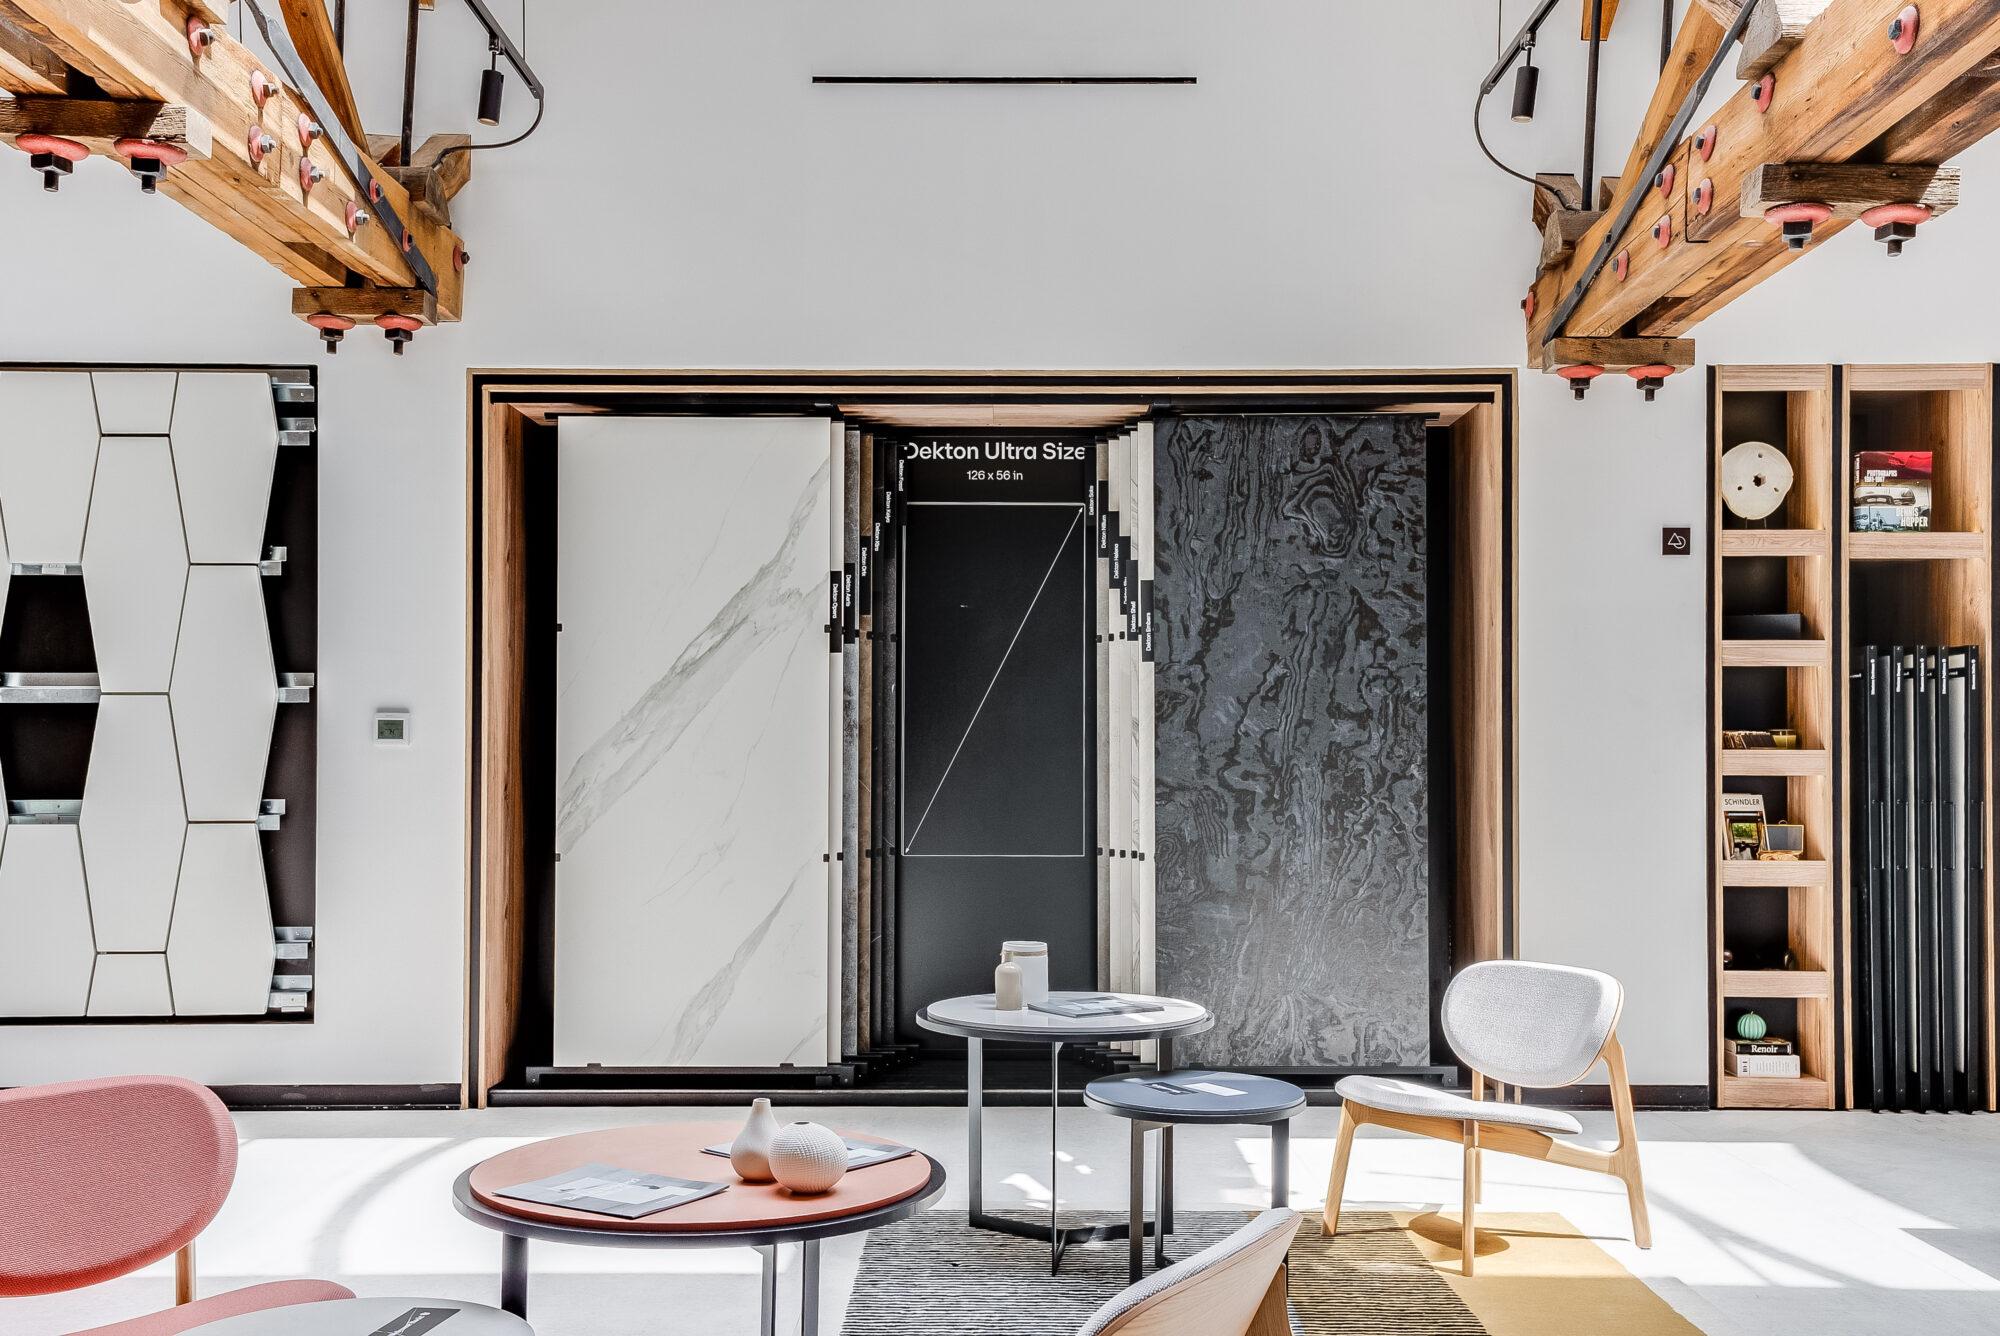 cosentino city showroom interiors